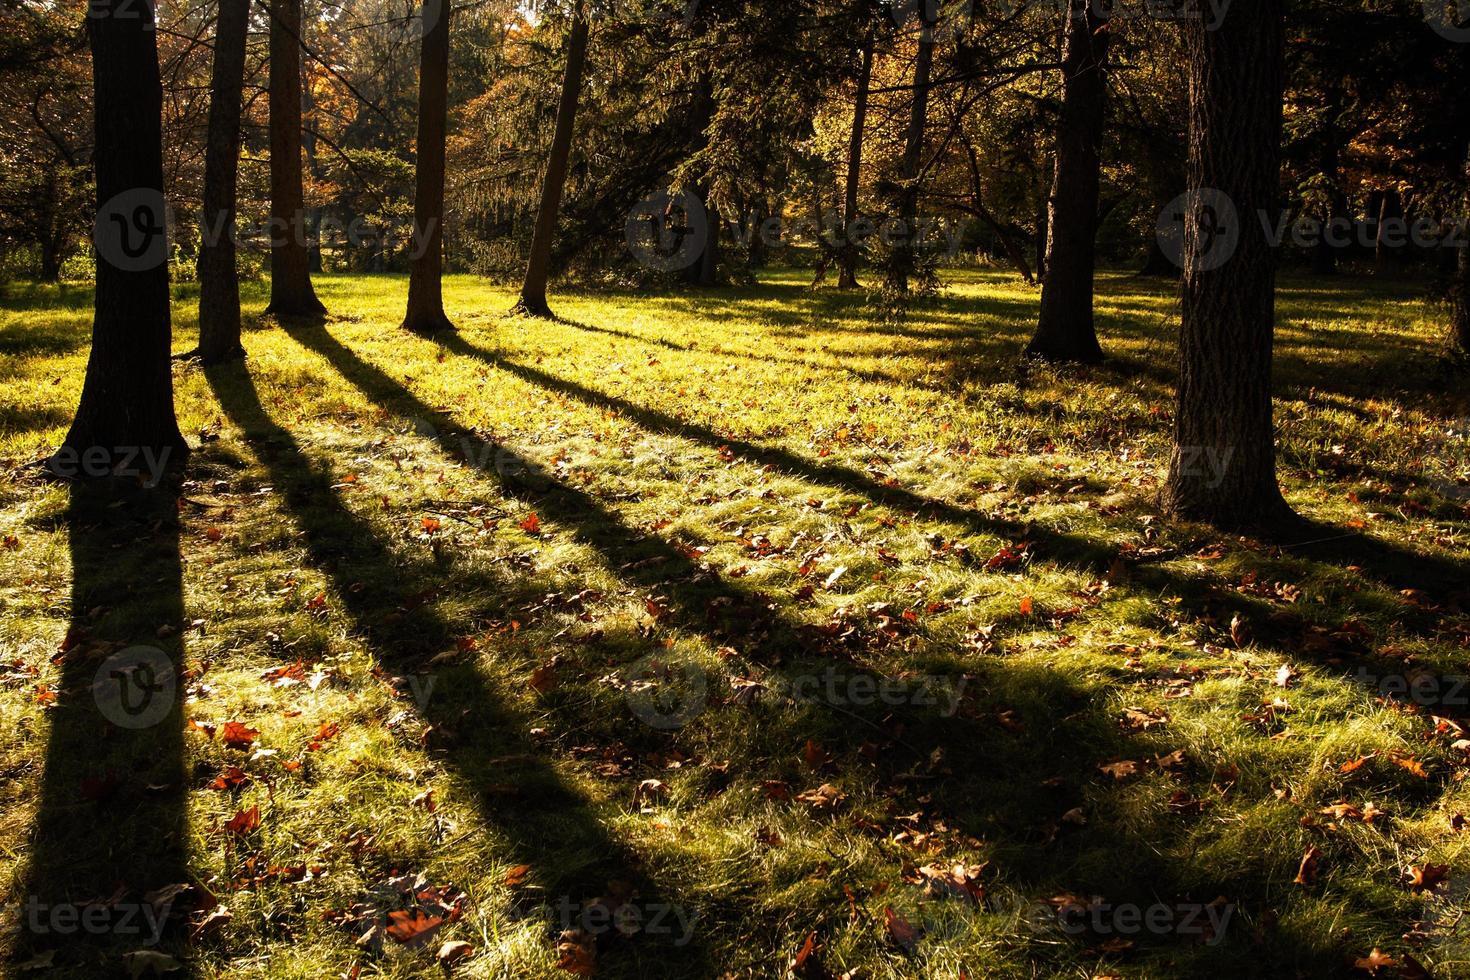 visueel van de natuur, het morton arboretum lisle il usa foto